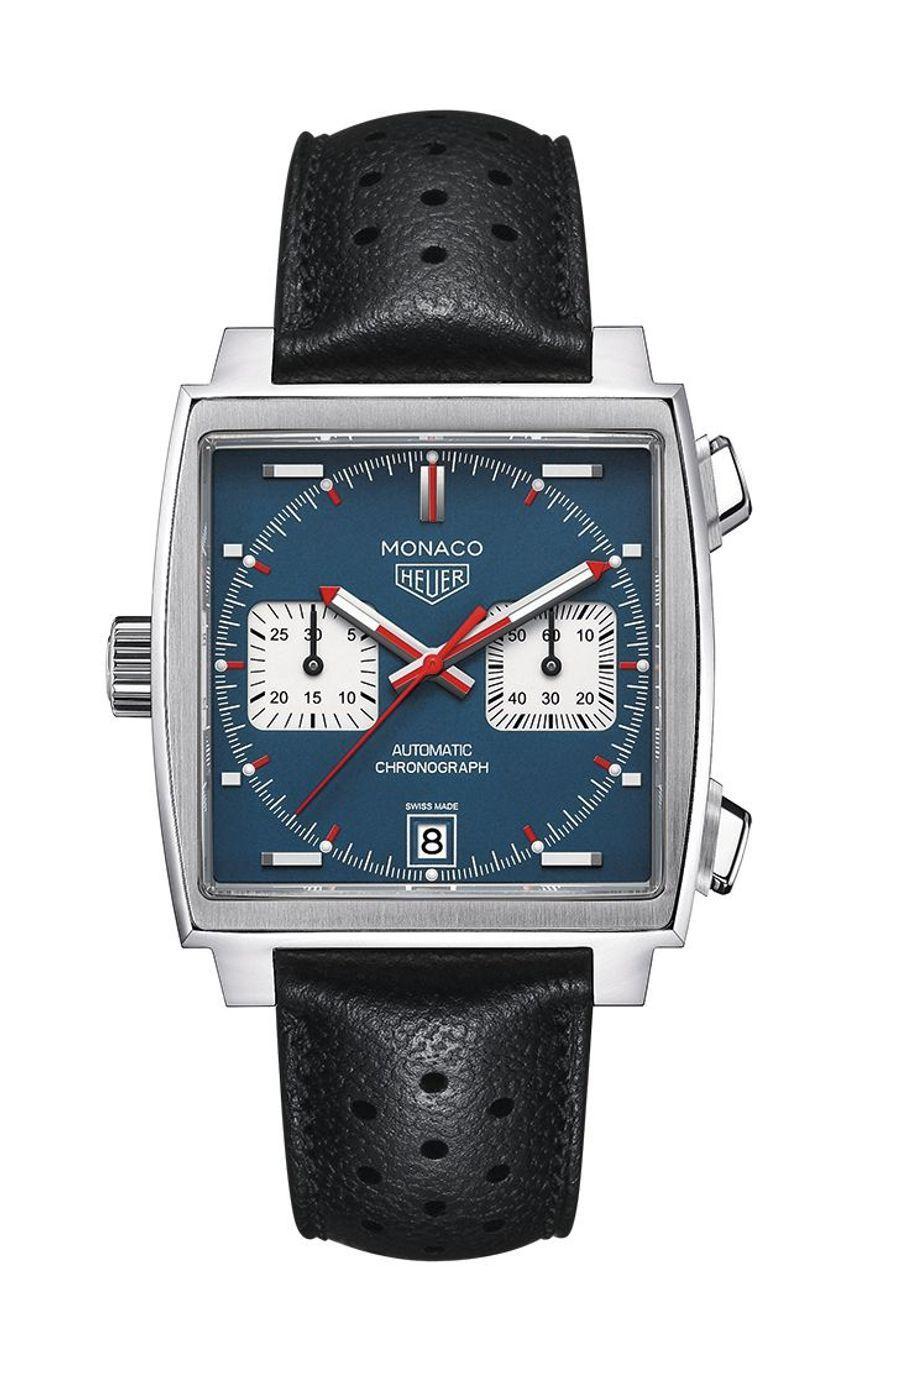 Monaco, boîte en acier, 39 mm x 39 mm, bracelet en cuir perforé, mouvement chronographe automatique. TAG Heuer. 4 995 €.